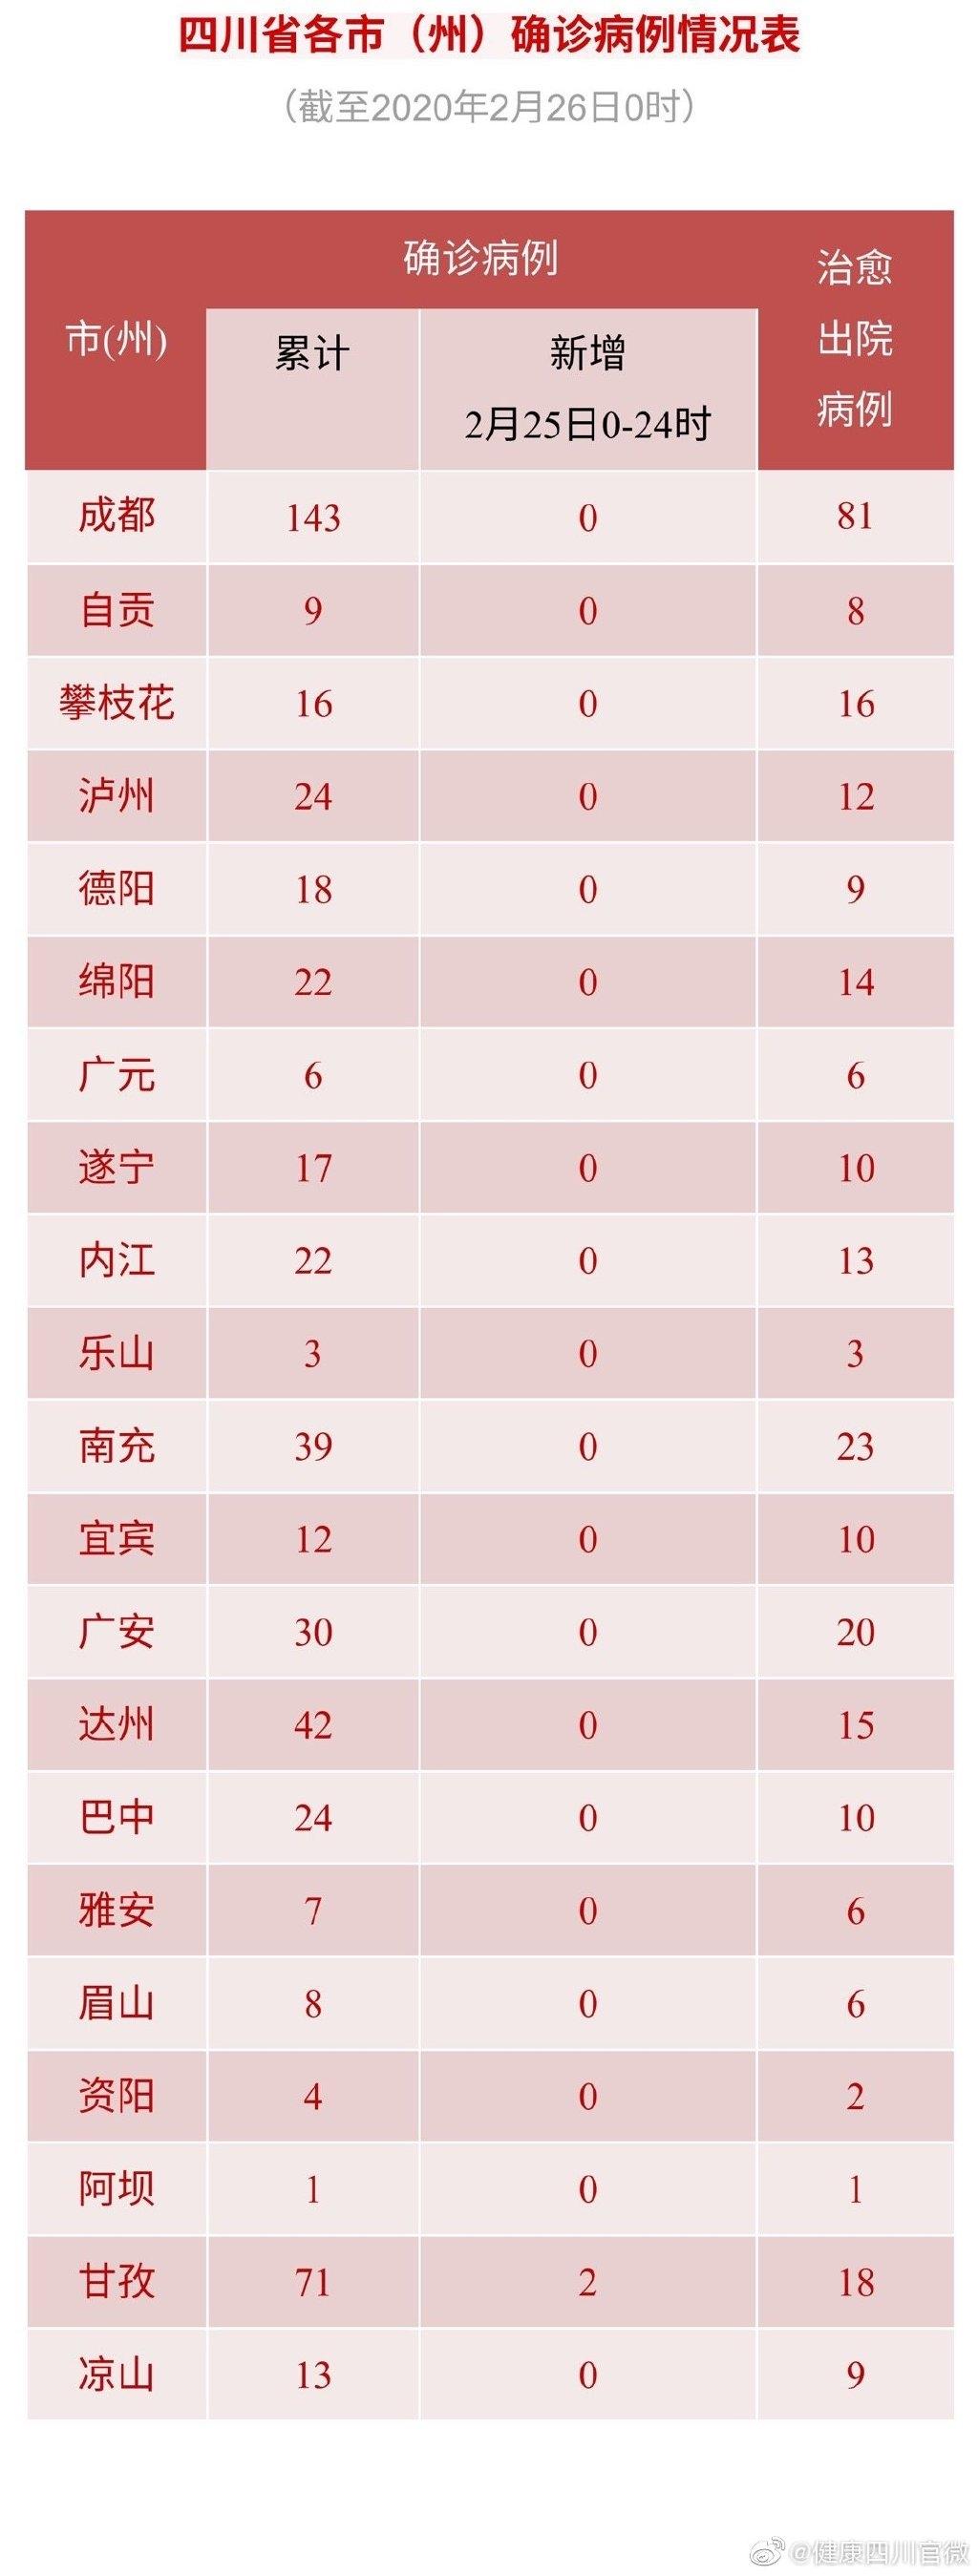 四川新增确诊病例2例 累计确诊531例 新增治愈出院14例